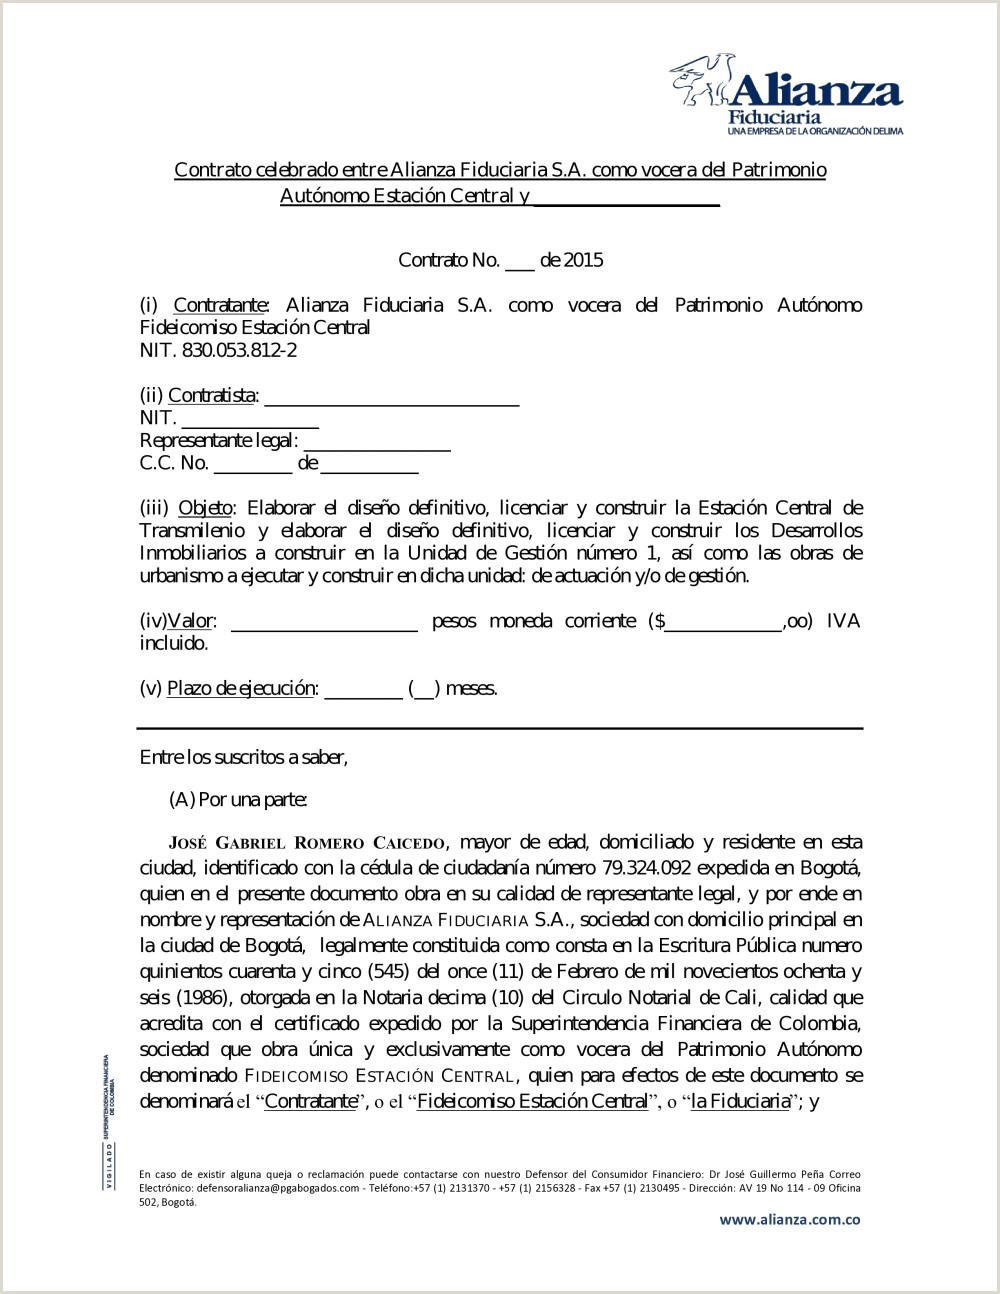 Formato Hoja De Vida Idu Contrato Celebrado Entre Alianza Fiduciaria S A O Vocera